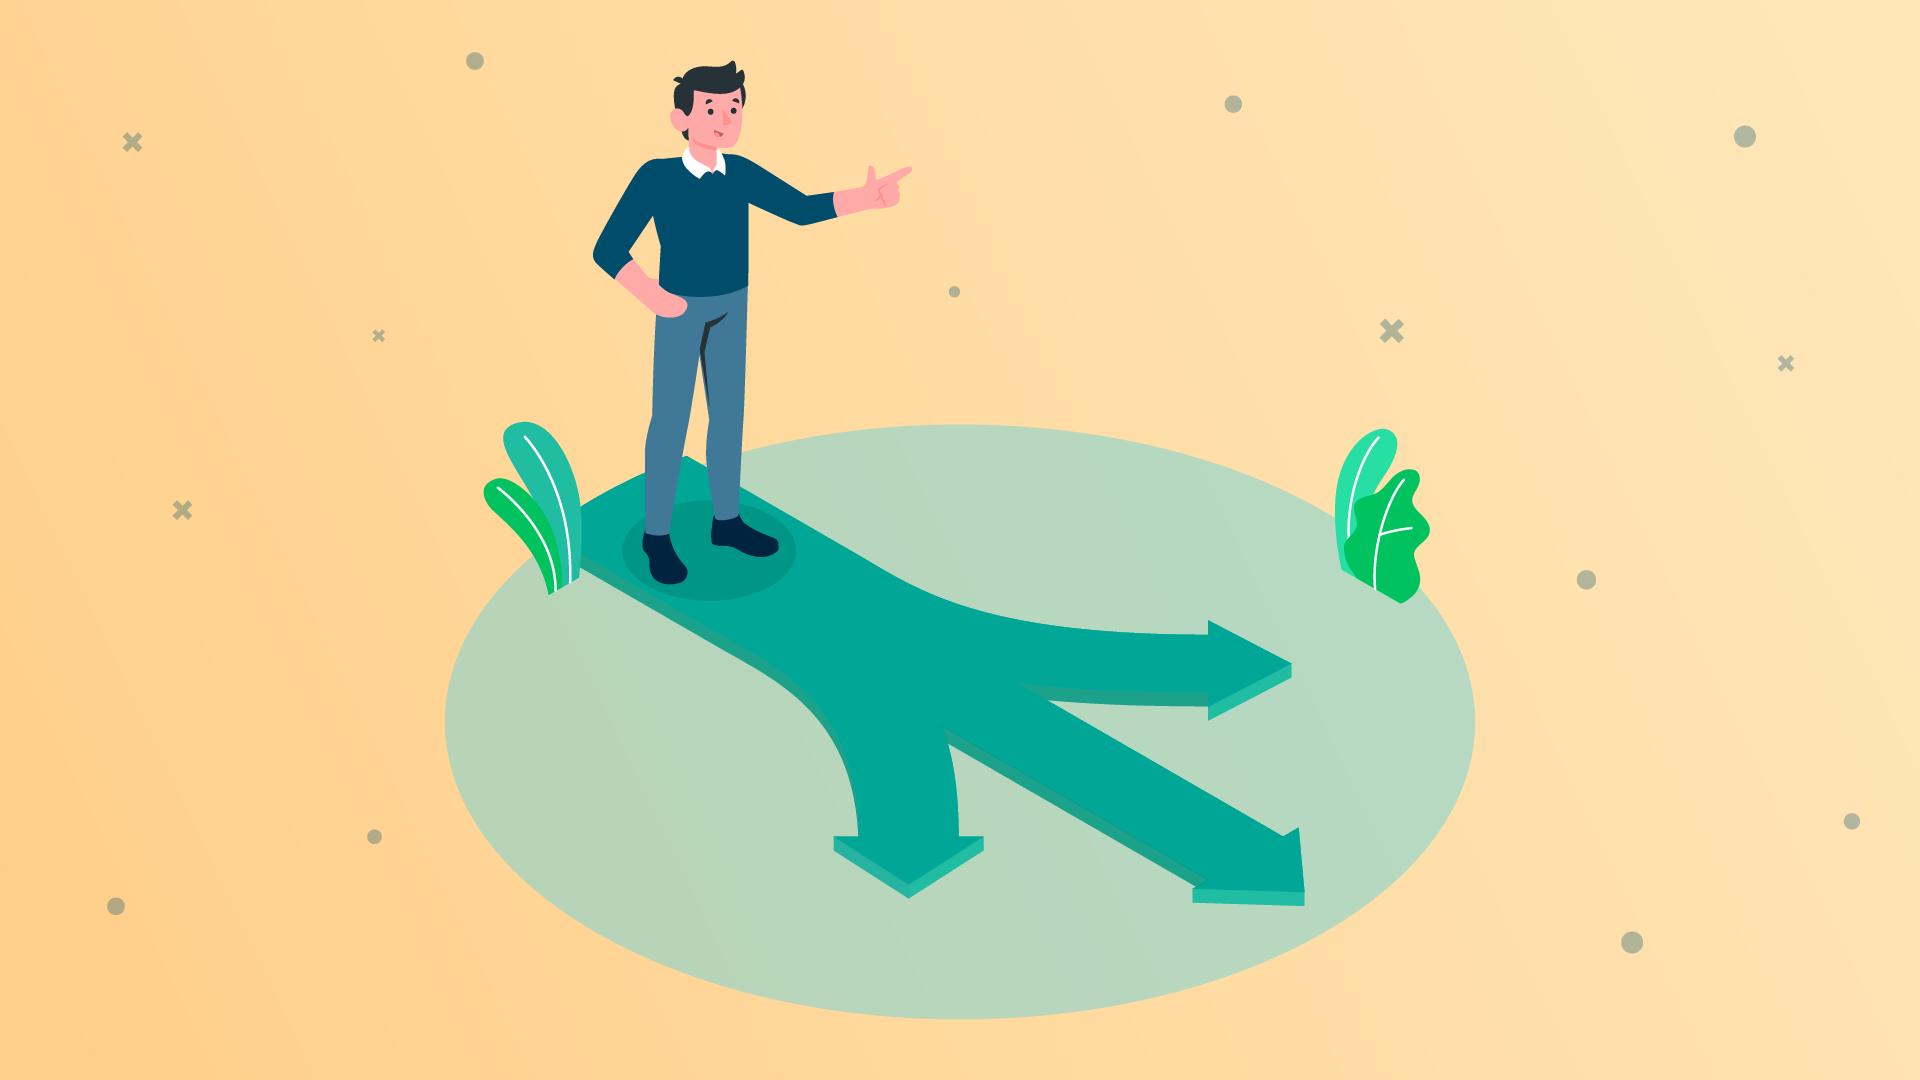 ۳ روش خروج از موقعیت خرید در قراردادهای اختیار معامله